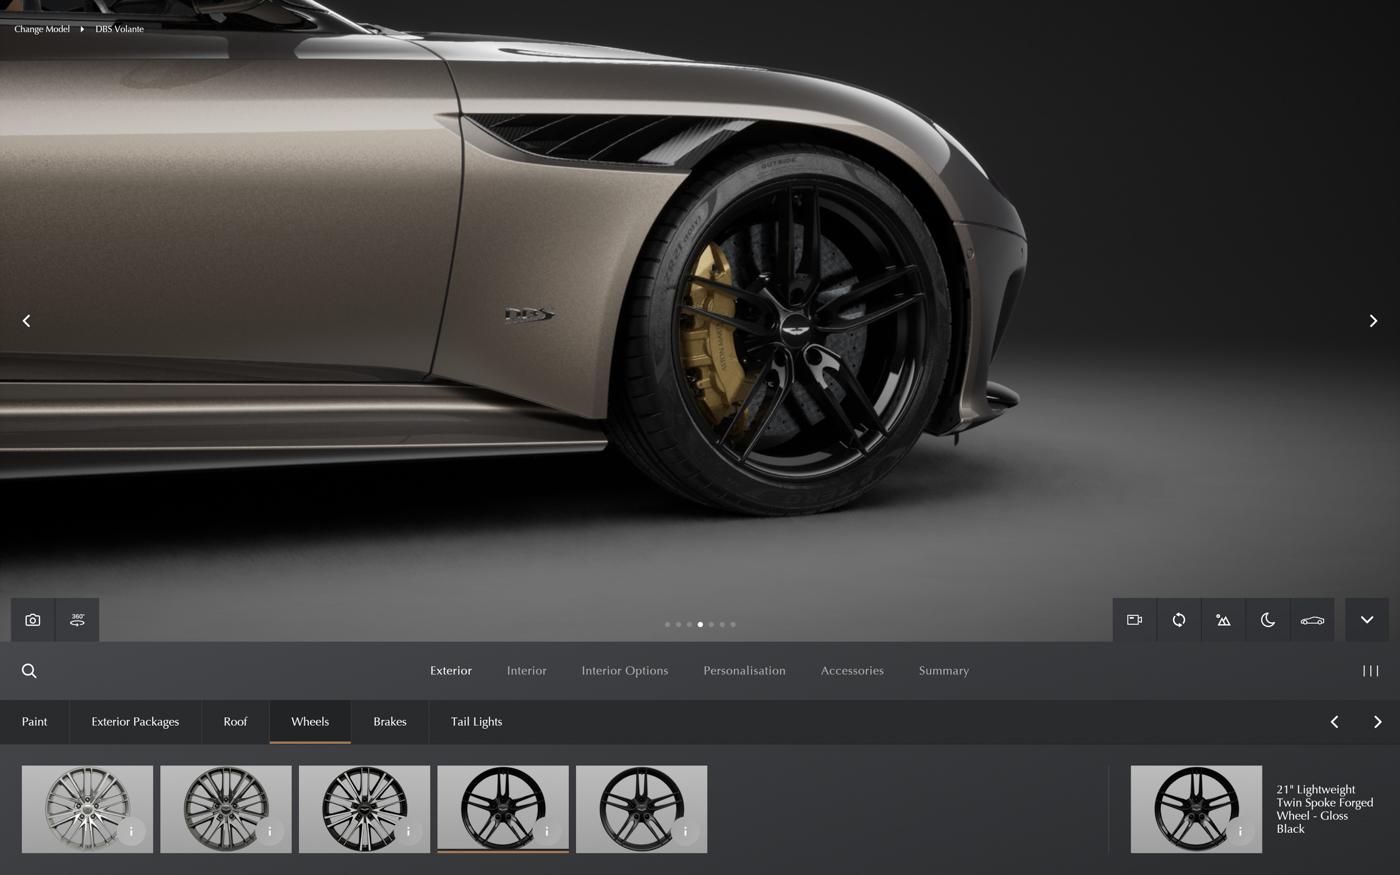 Aston-Martin-công-bố-nâng-cấp-cho-đời-xe-2022-10.jpg